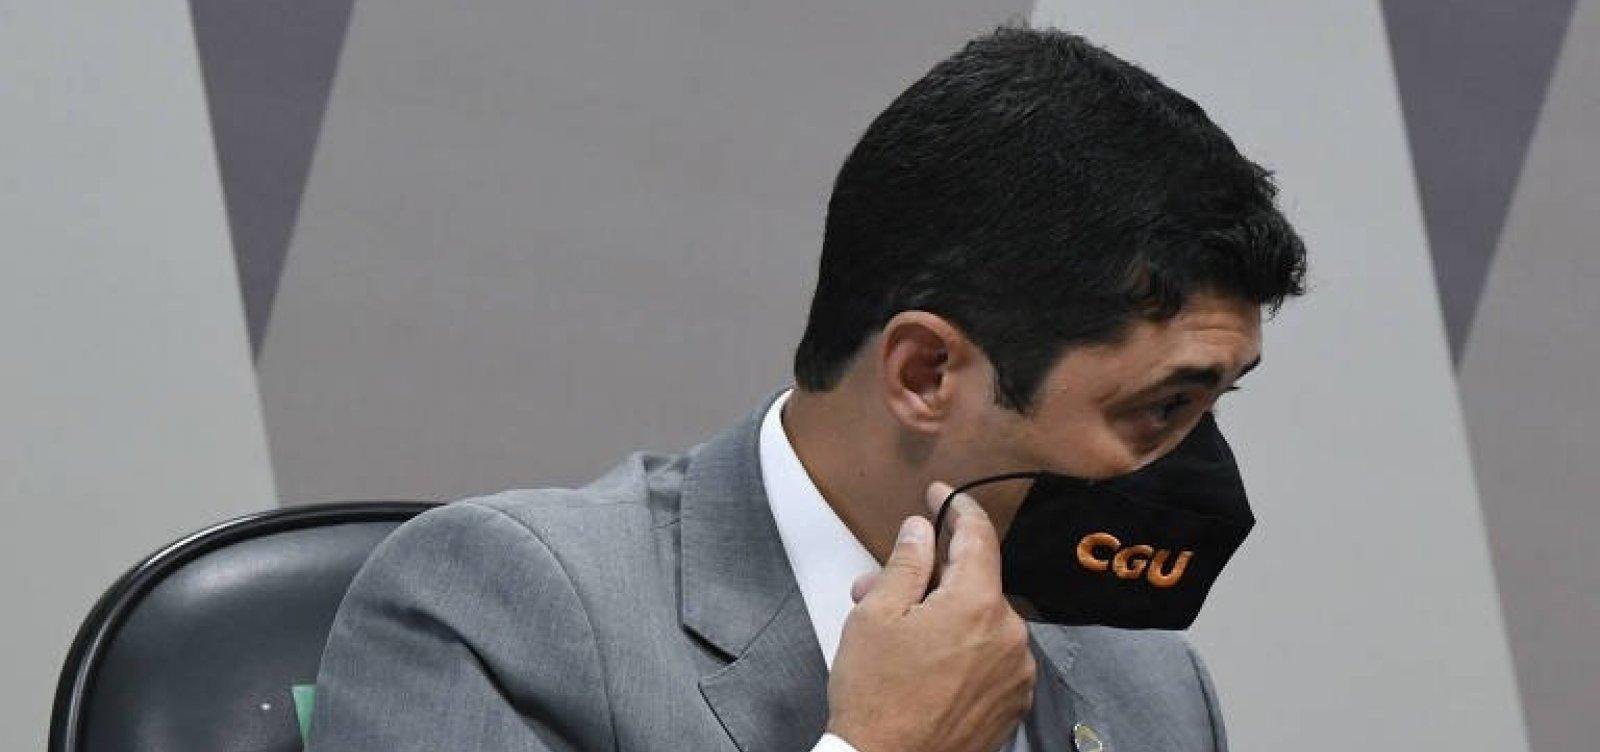 Em depoimento à CPI, ministro da CGU rebate acusações de prevaricação